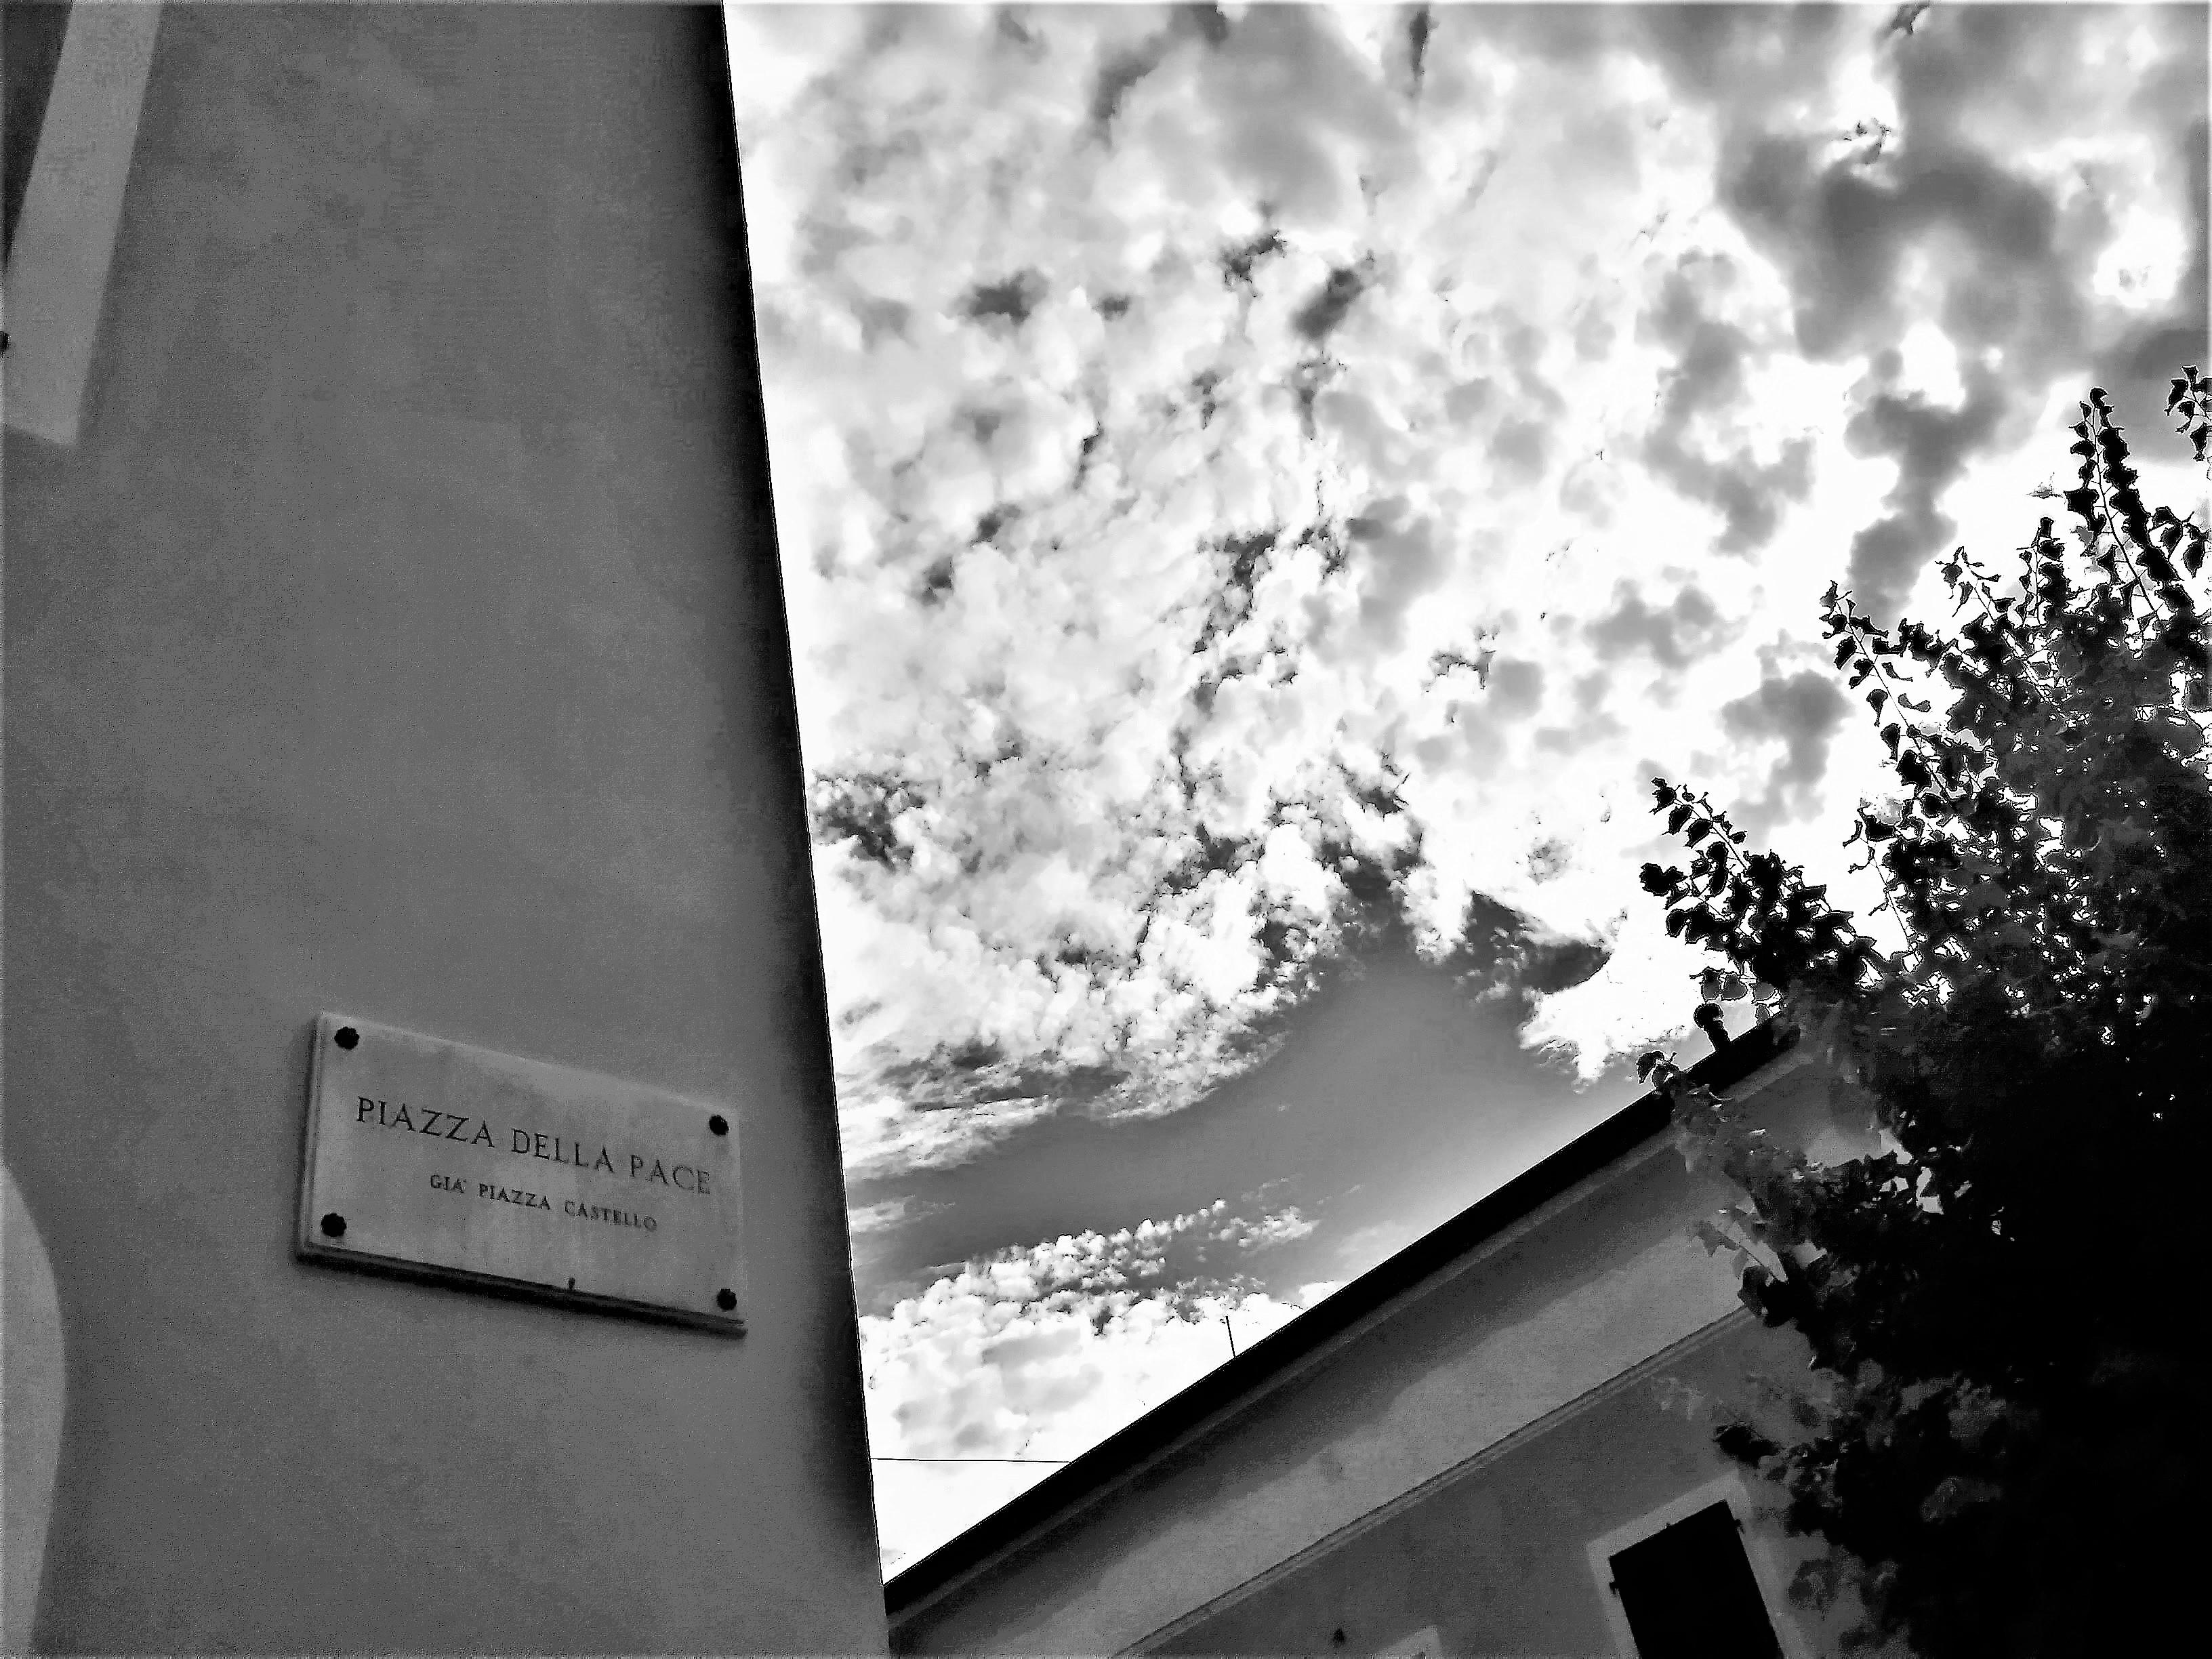 Pace Bianco E Nero file:santo stefano di magra (sp) cieli su piazza della pace